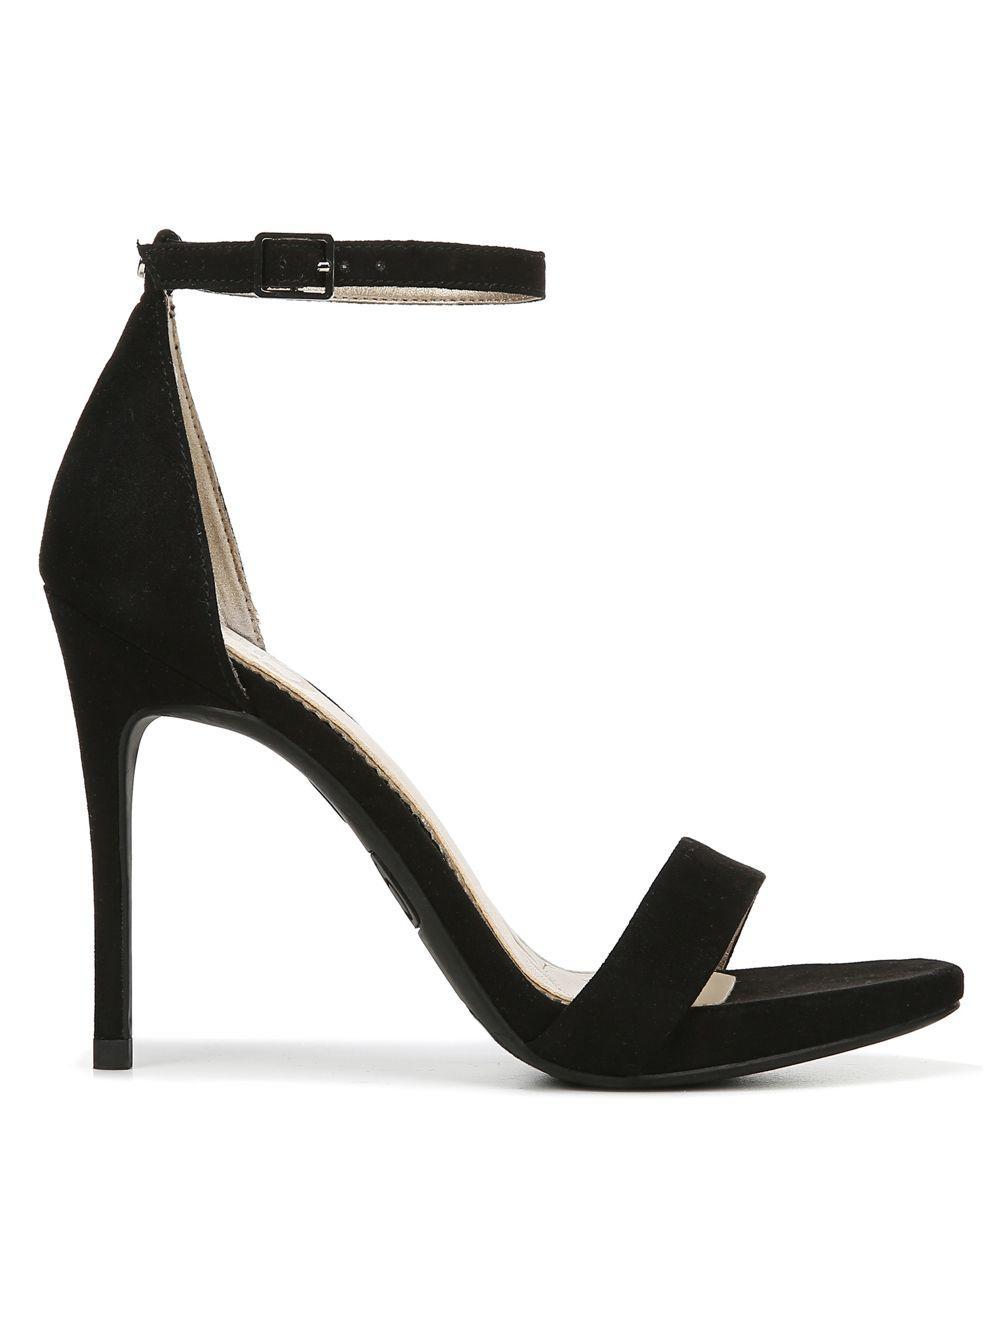 30c9f9e52c3e4 Circus by Sam Edelman. Women s Black Angela Ankle-strap Stiletto Sandals